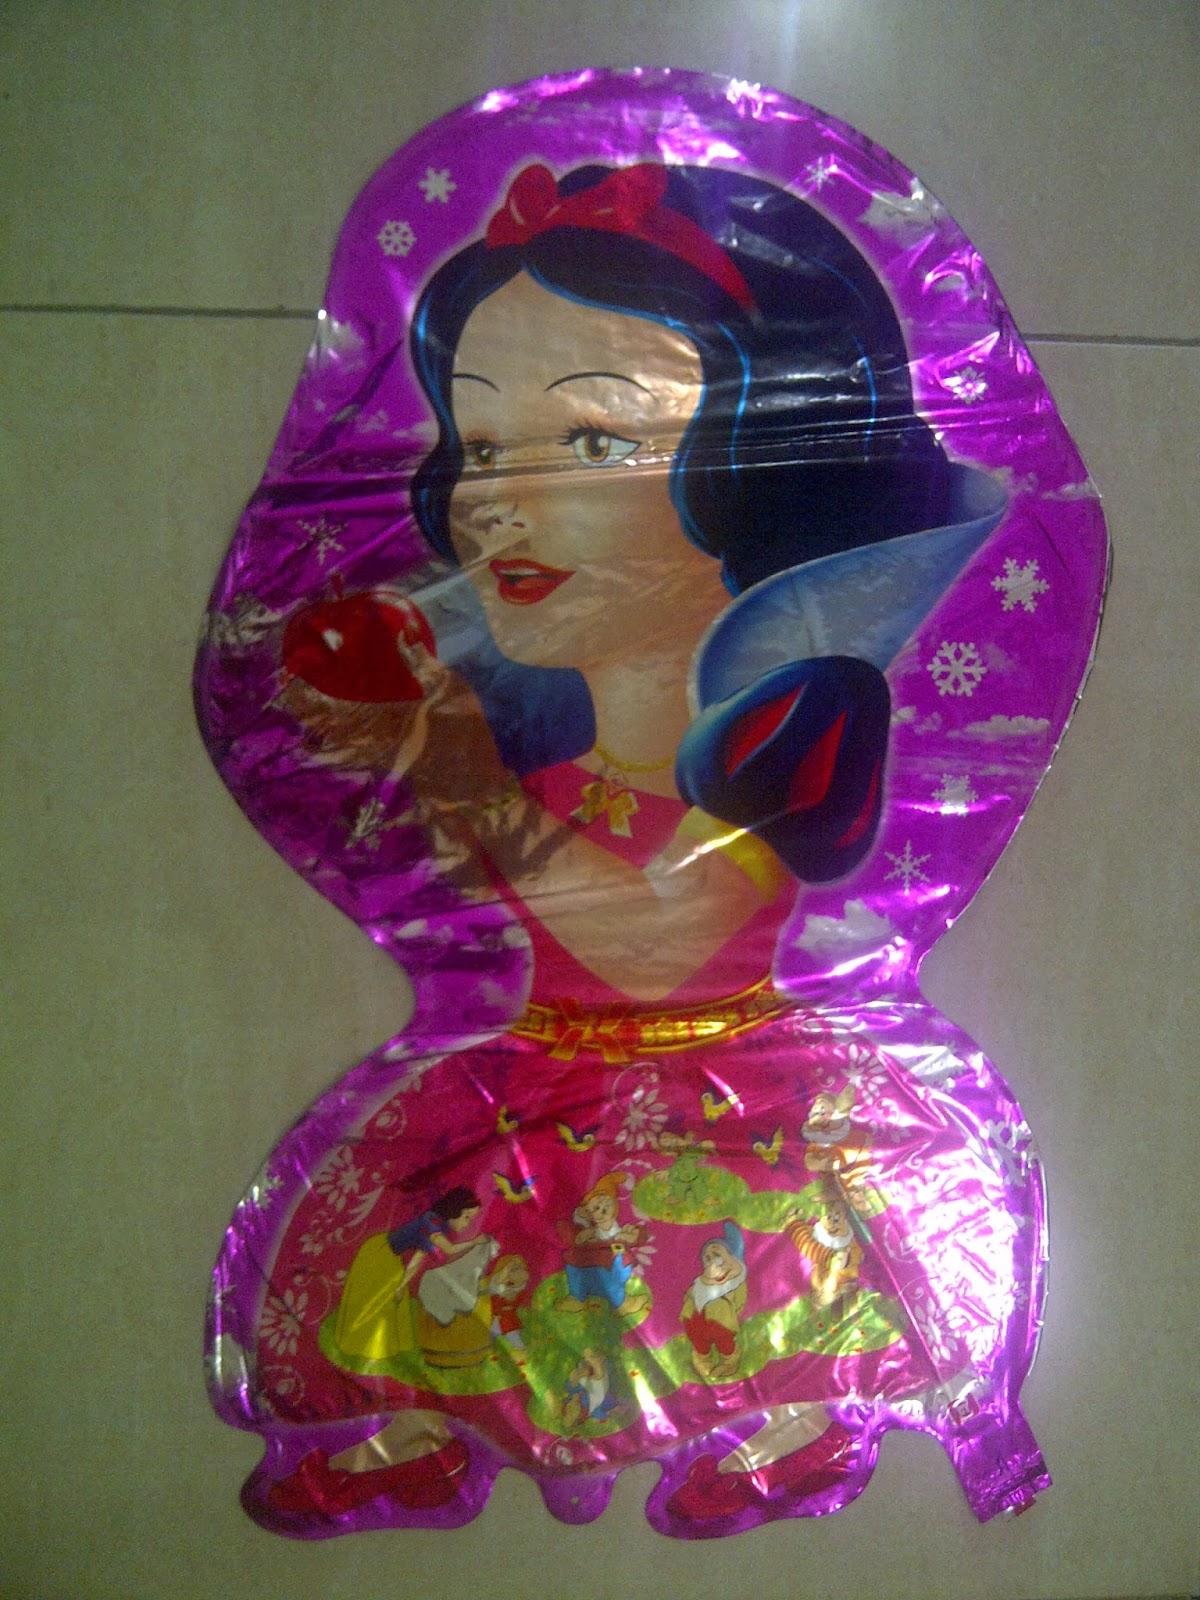 Balon Character Princess Metalik Anugerah Utama Toys Motif Ultraman